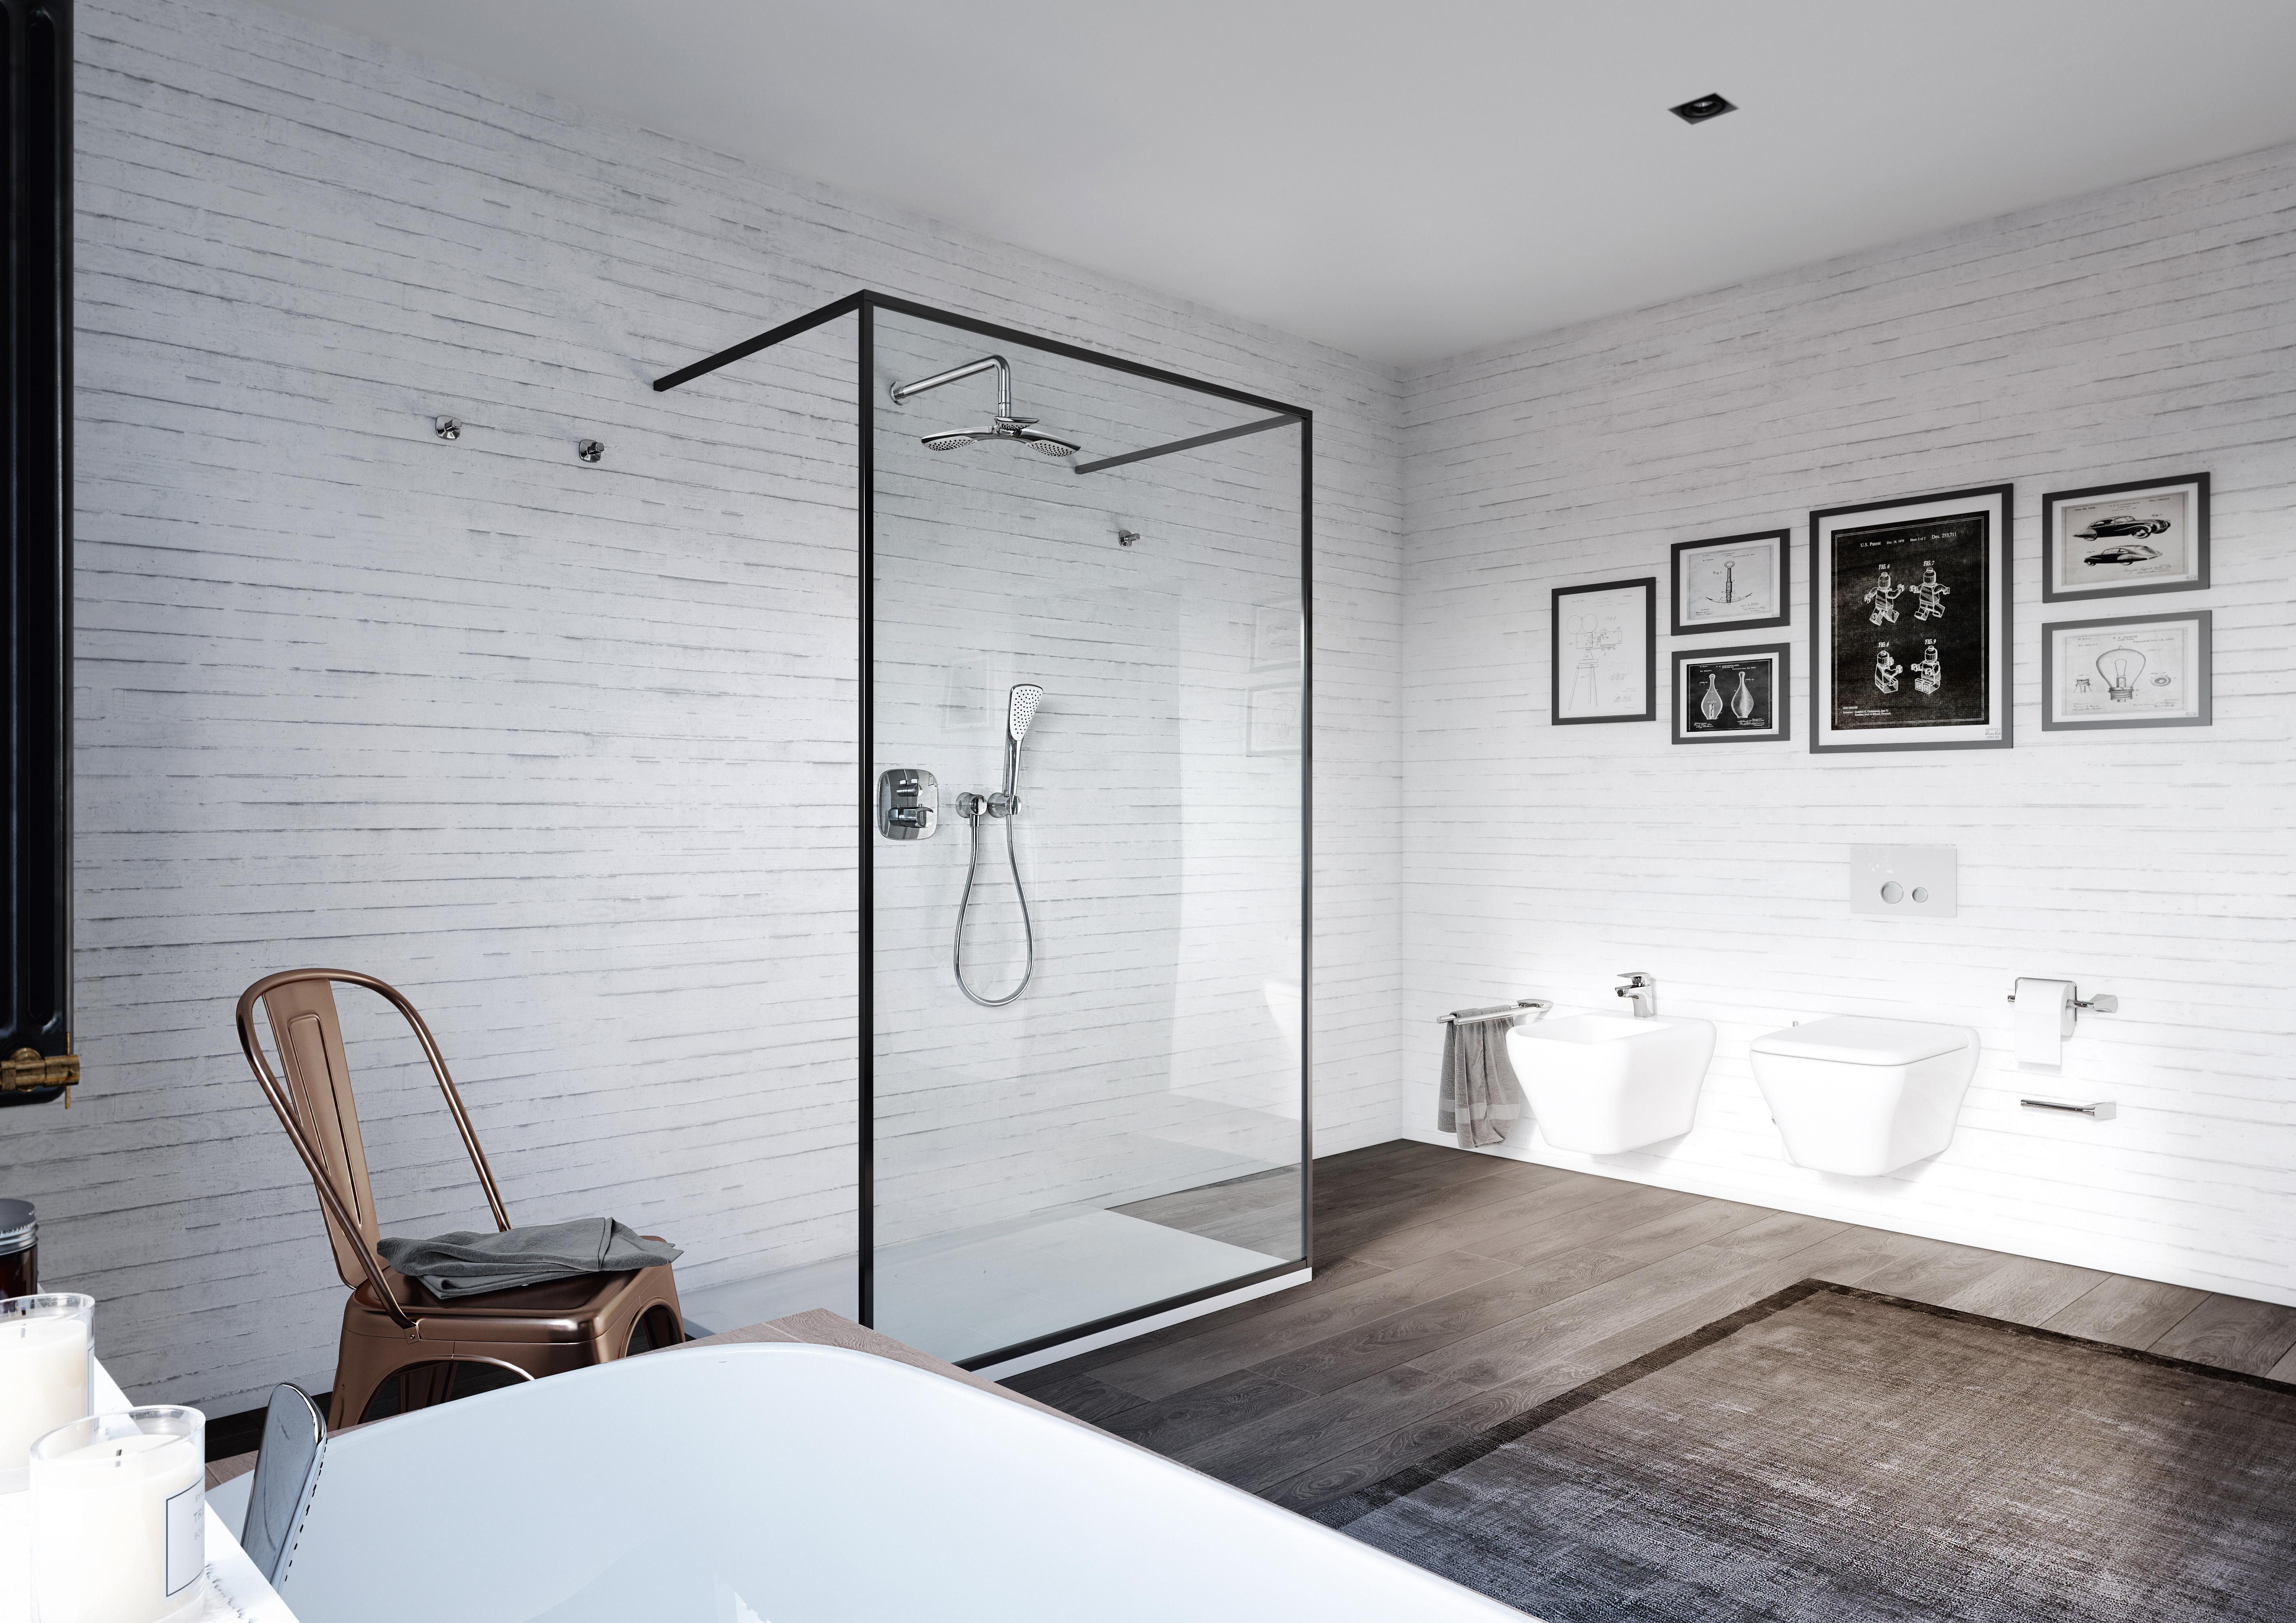 Duża łazienka Jak Wydzielić W Niej Strefę Suchą I Mokrą